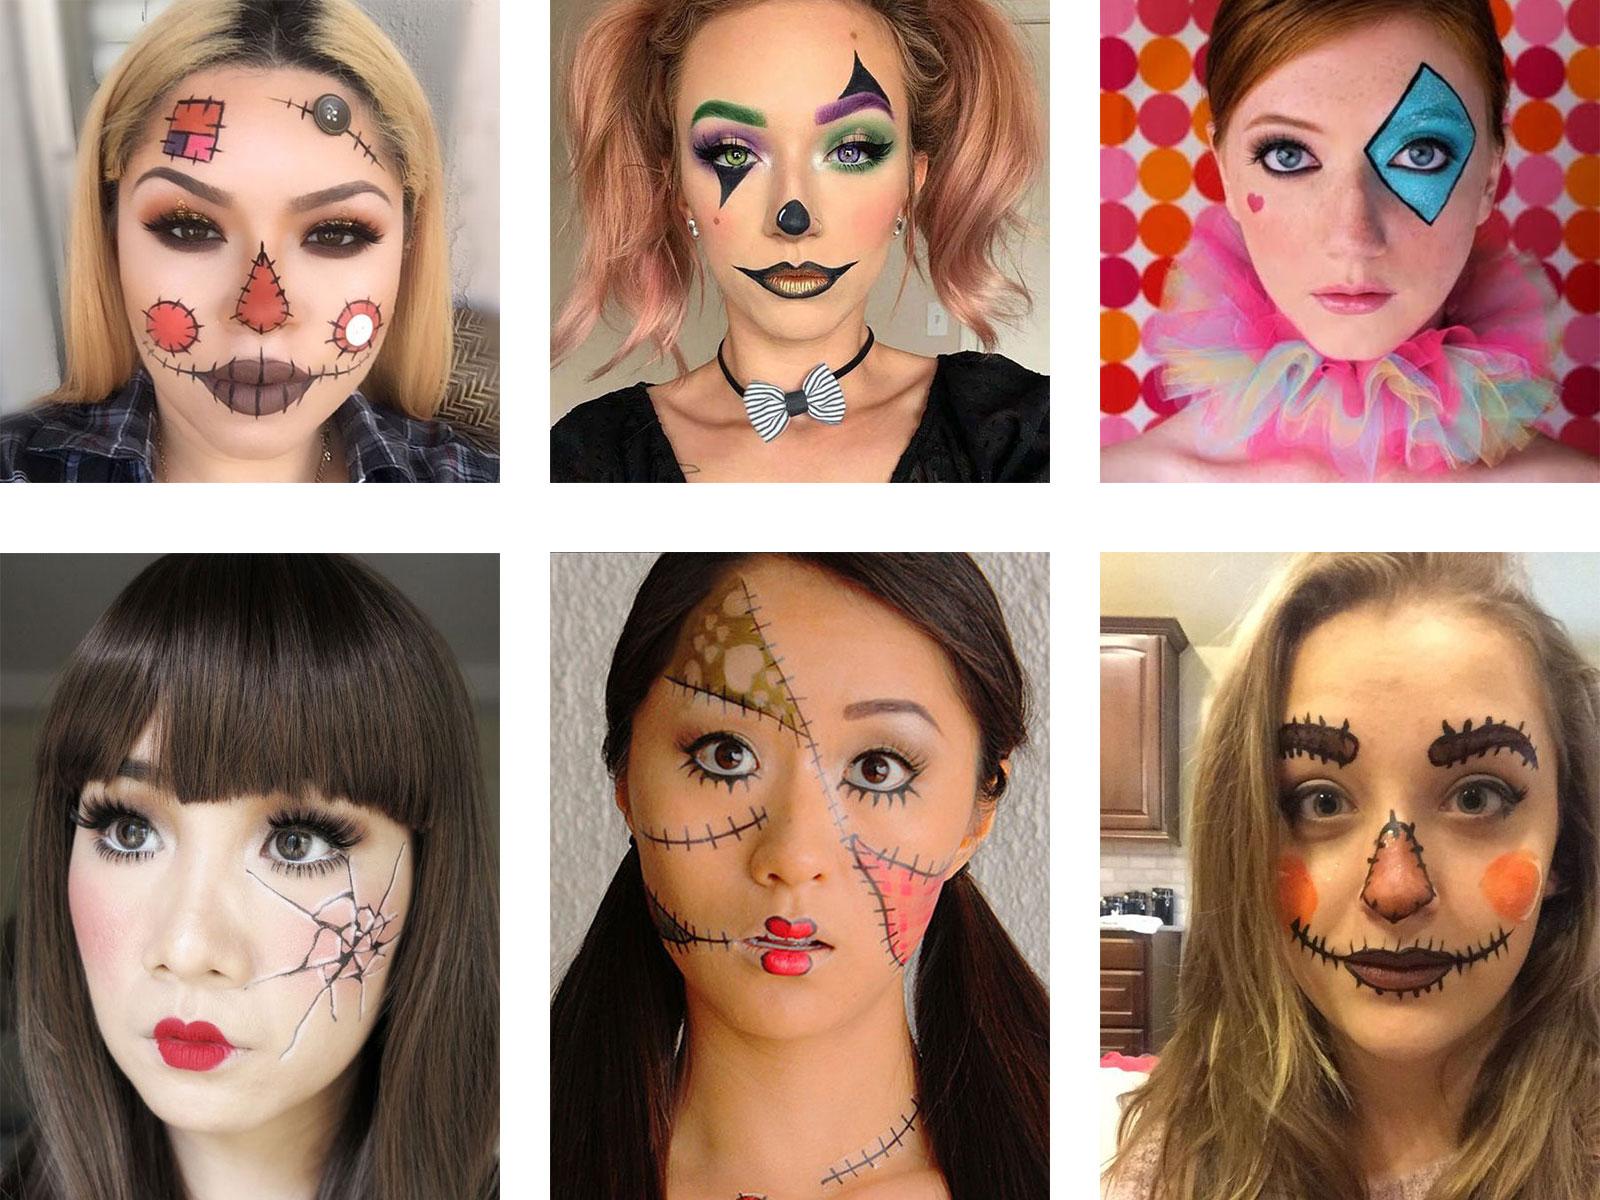 25-Last-Minute-Very-Easy-Halloween-Makeup-Looks-Ideas-2019-F